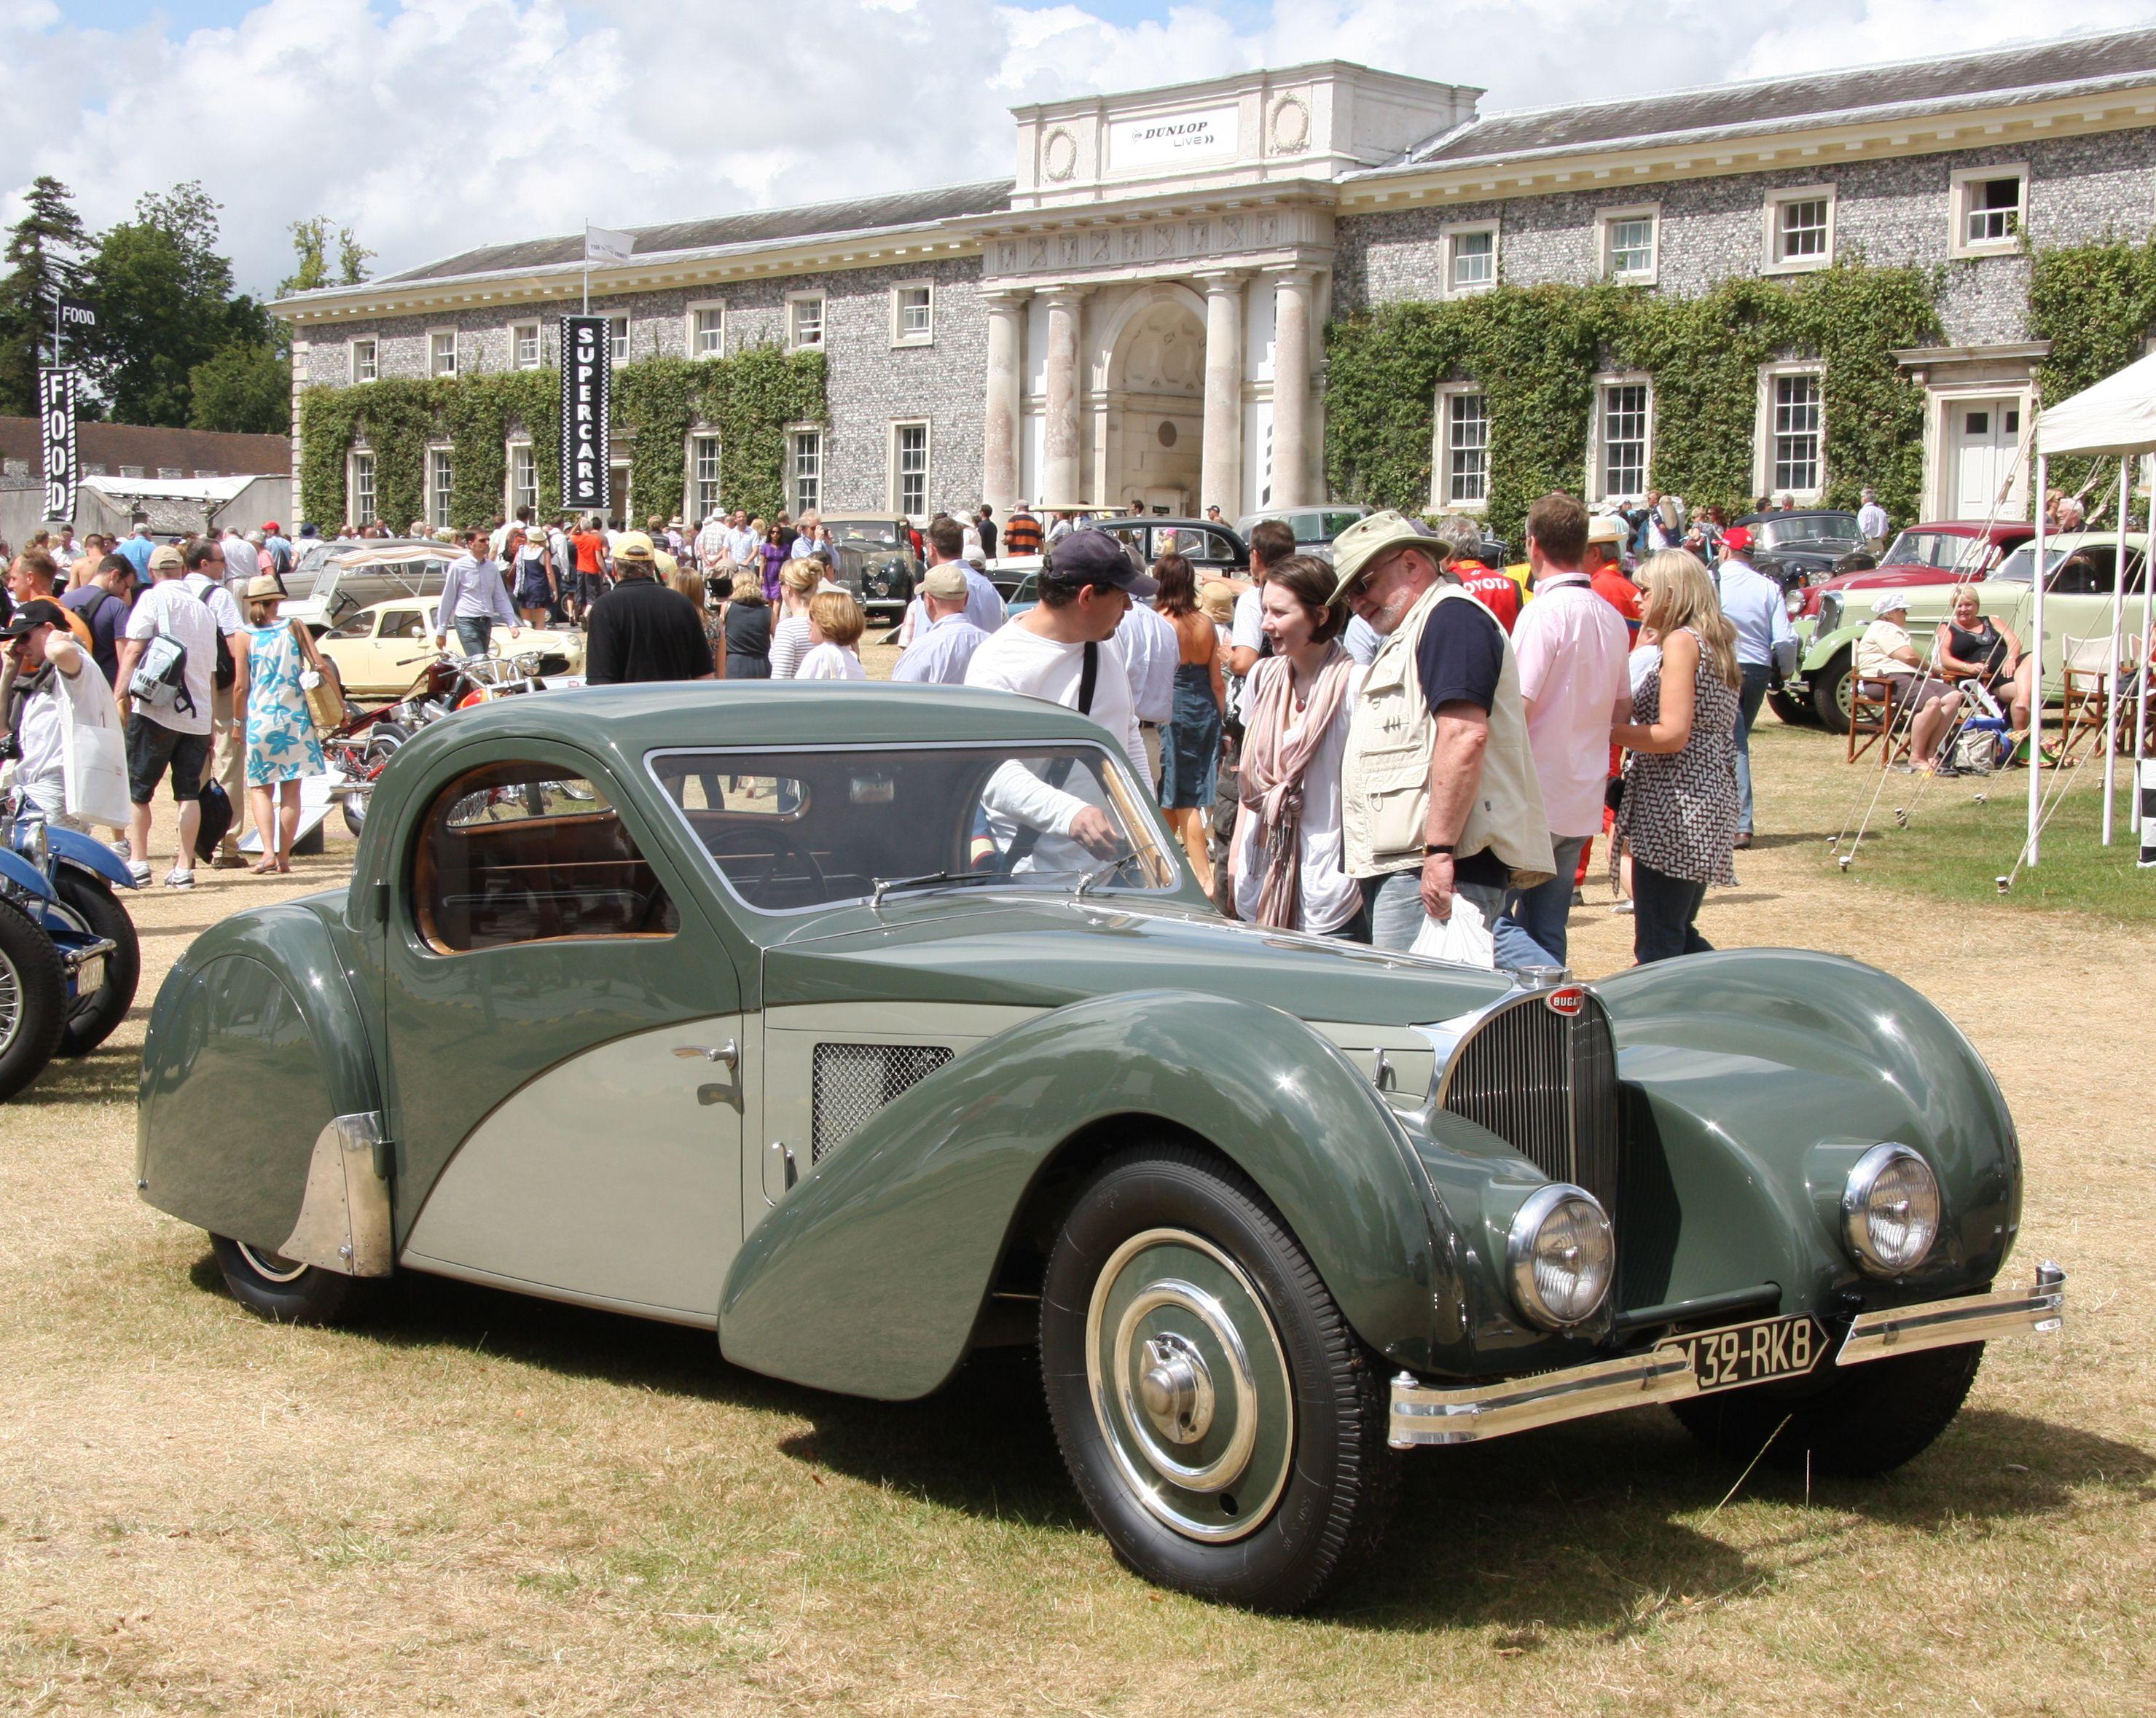 Bugattitypescatalanteg imagen jpeg píxeles